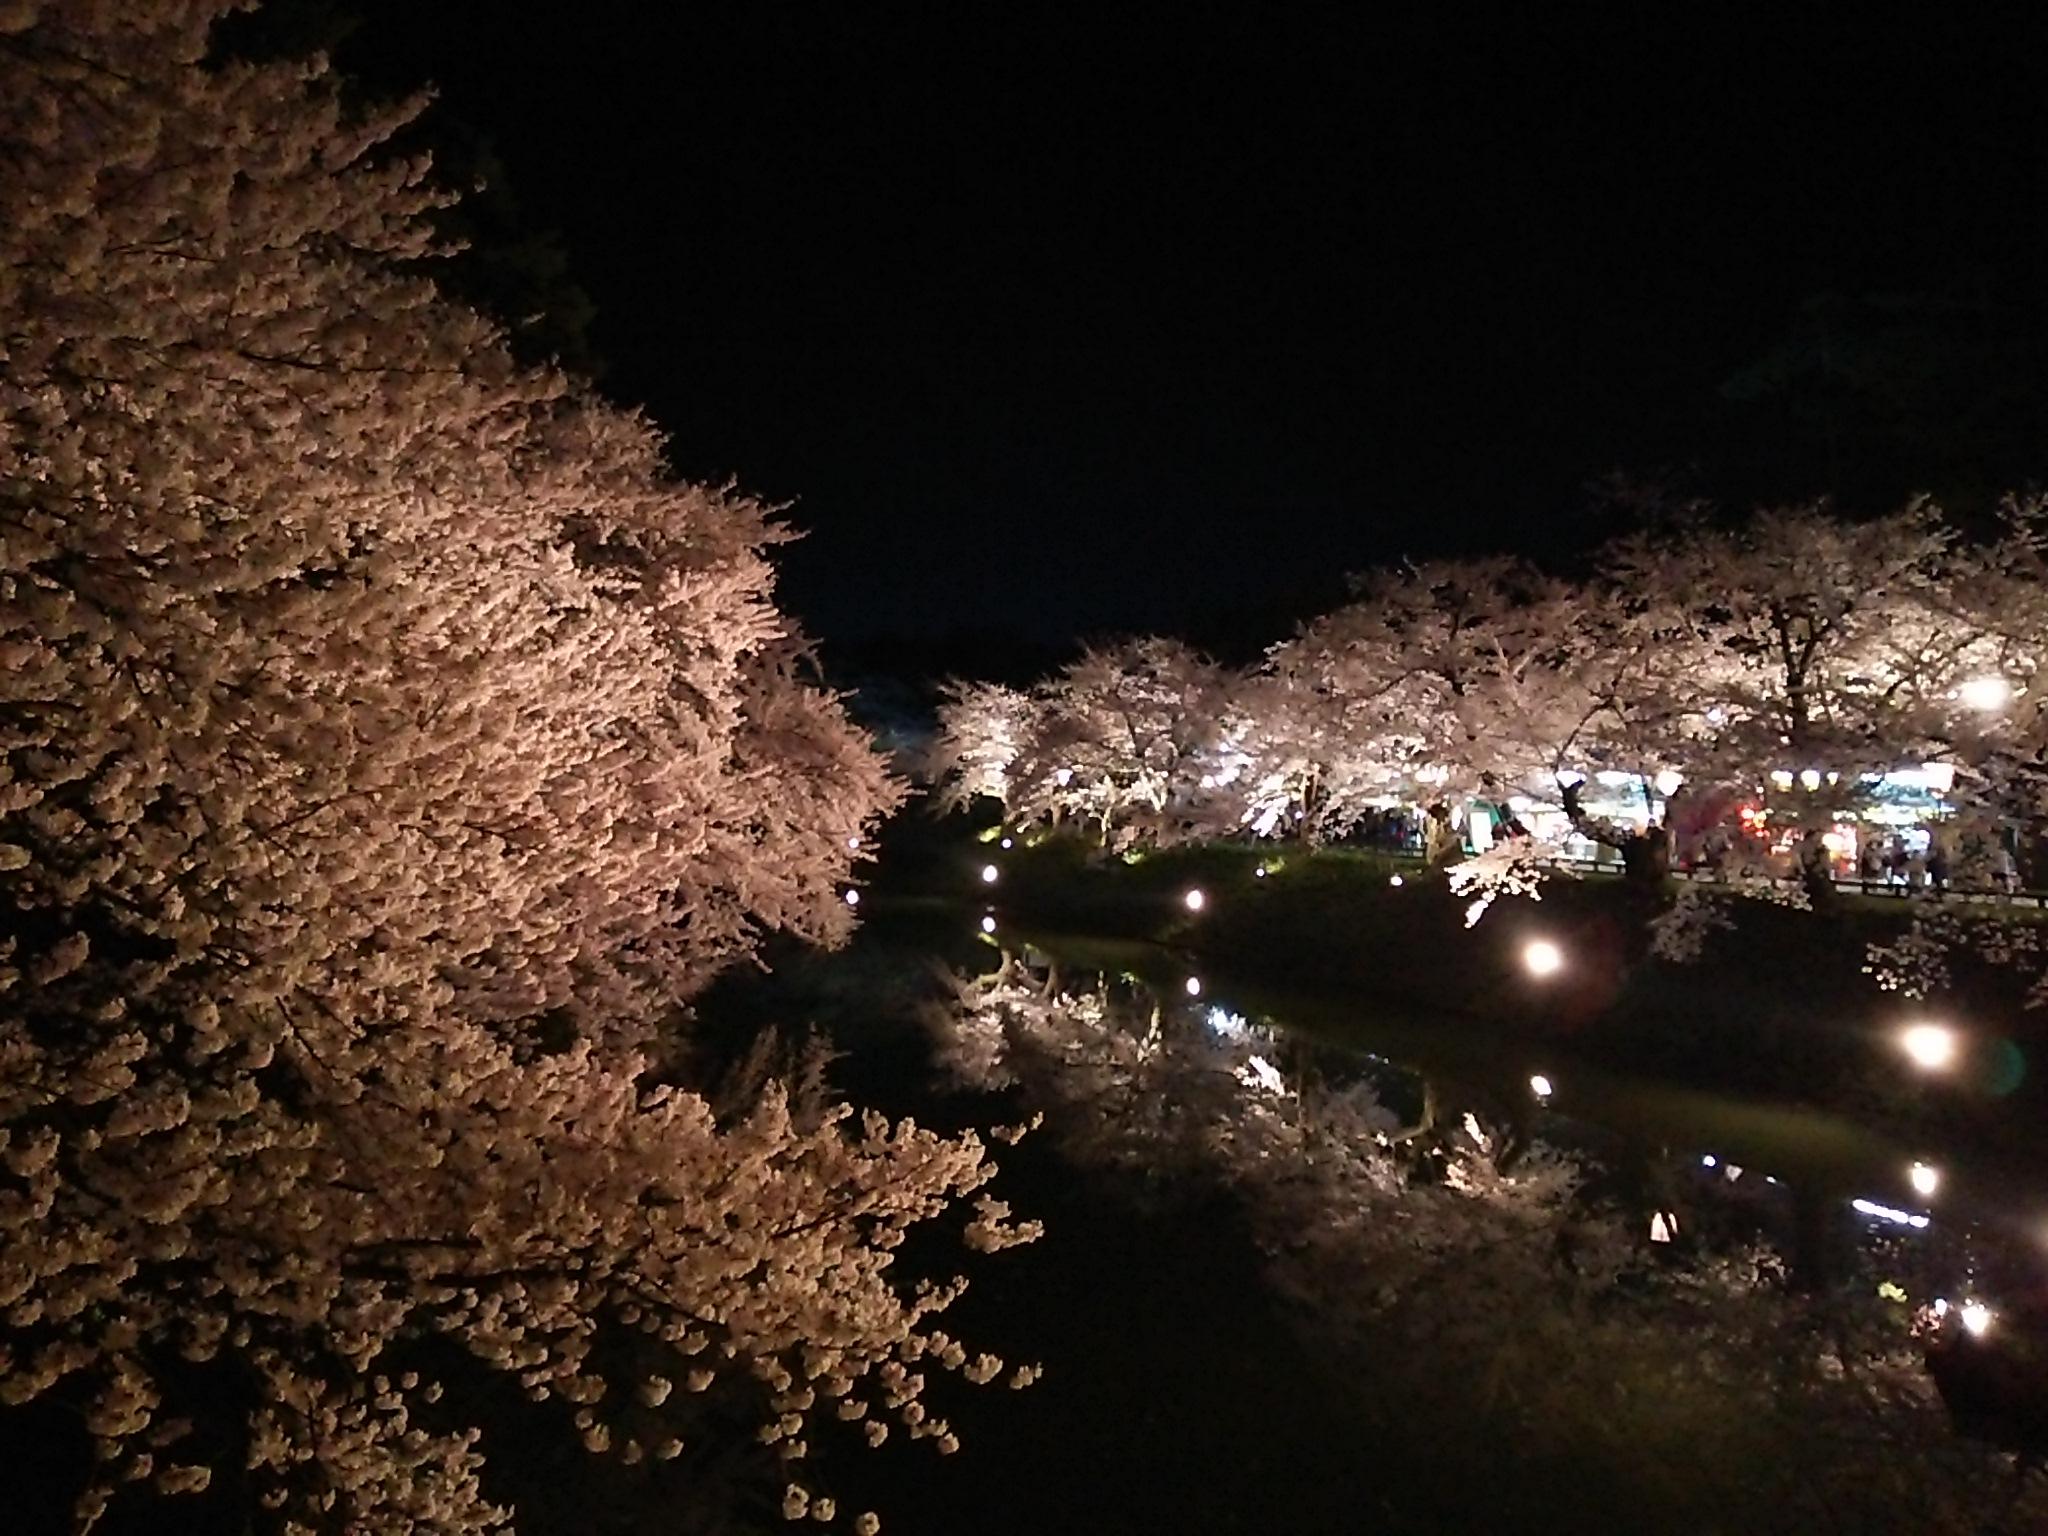 日本一美しい夜桜、桜が満開の弘前公園『弘前さくらまつり』